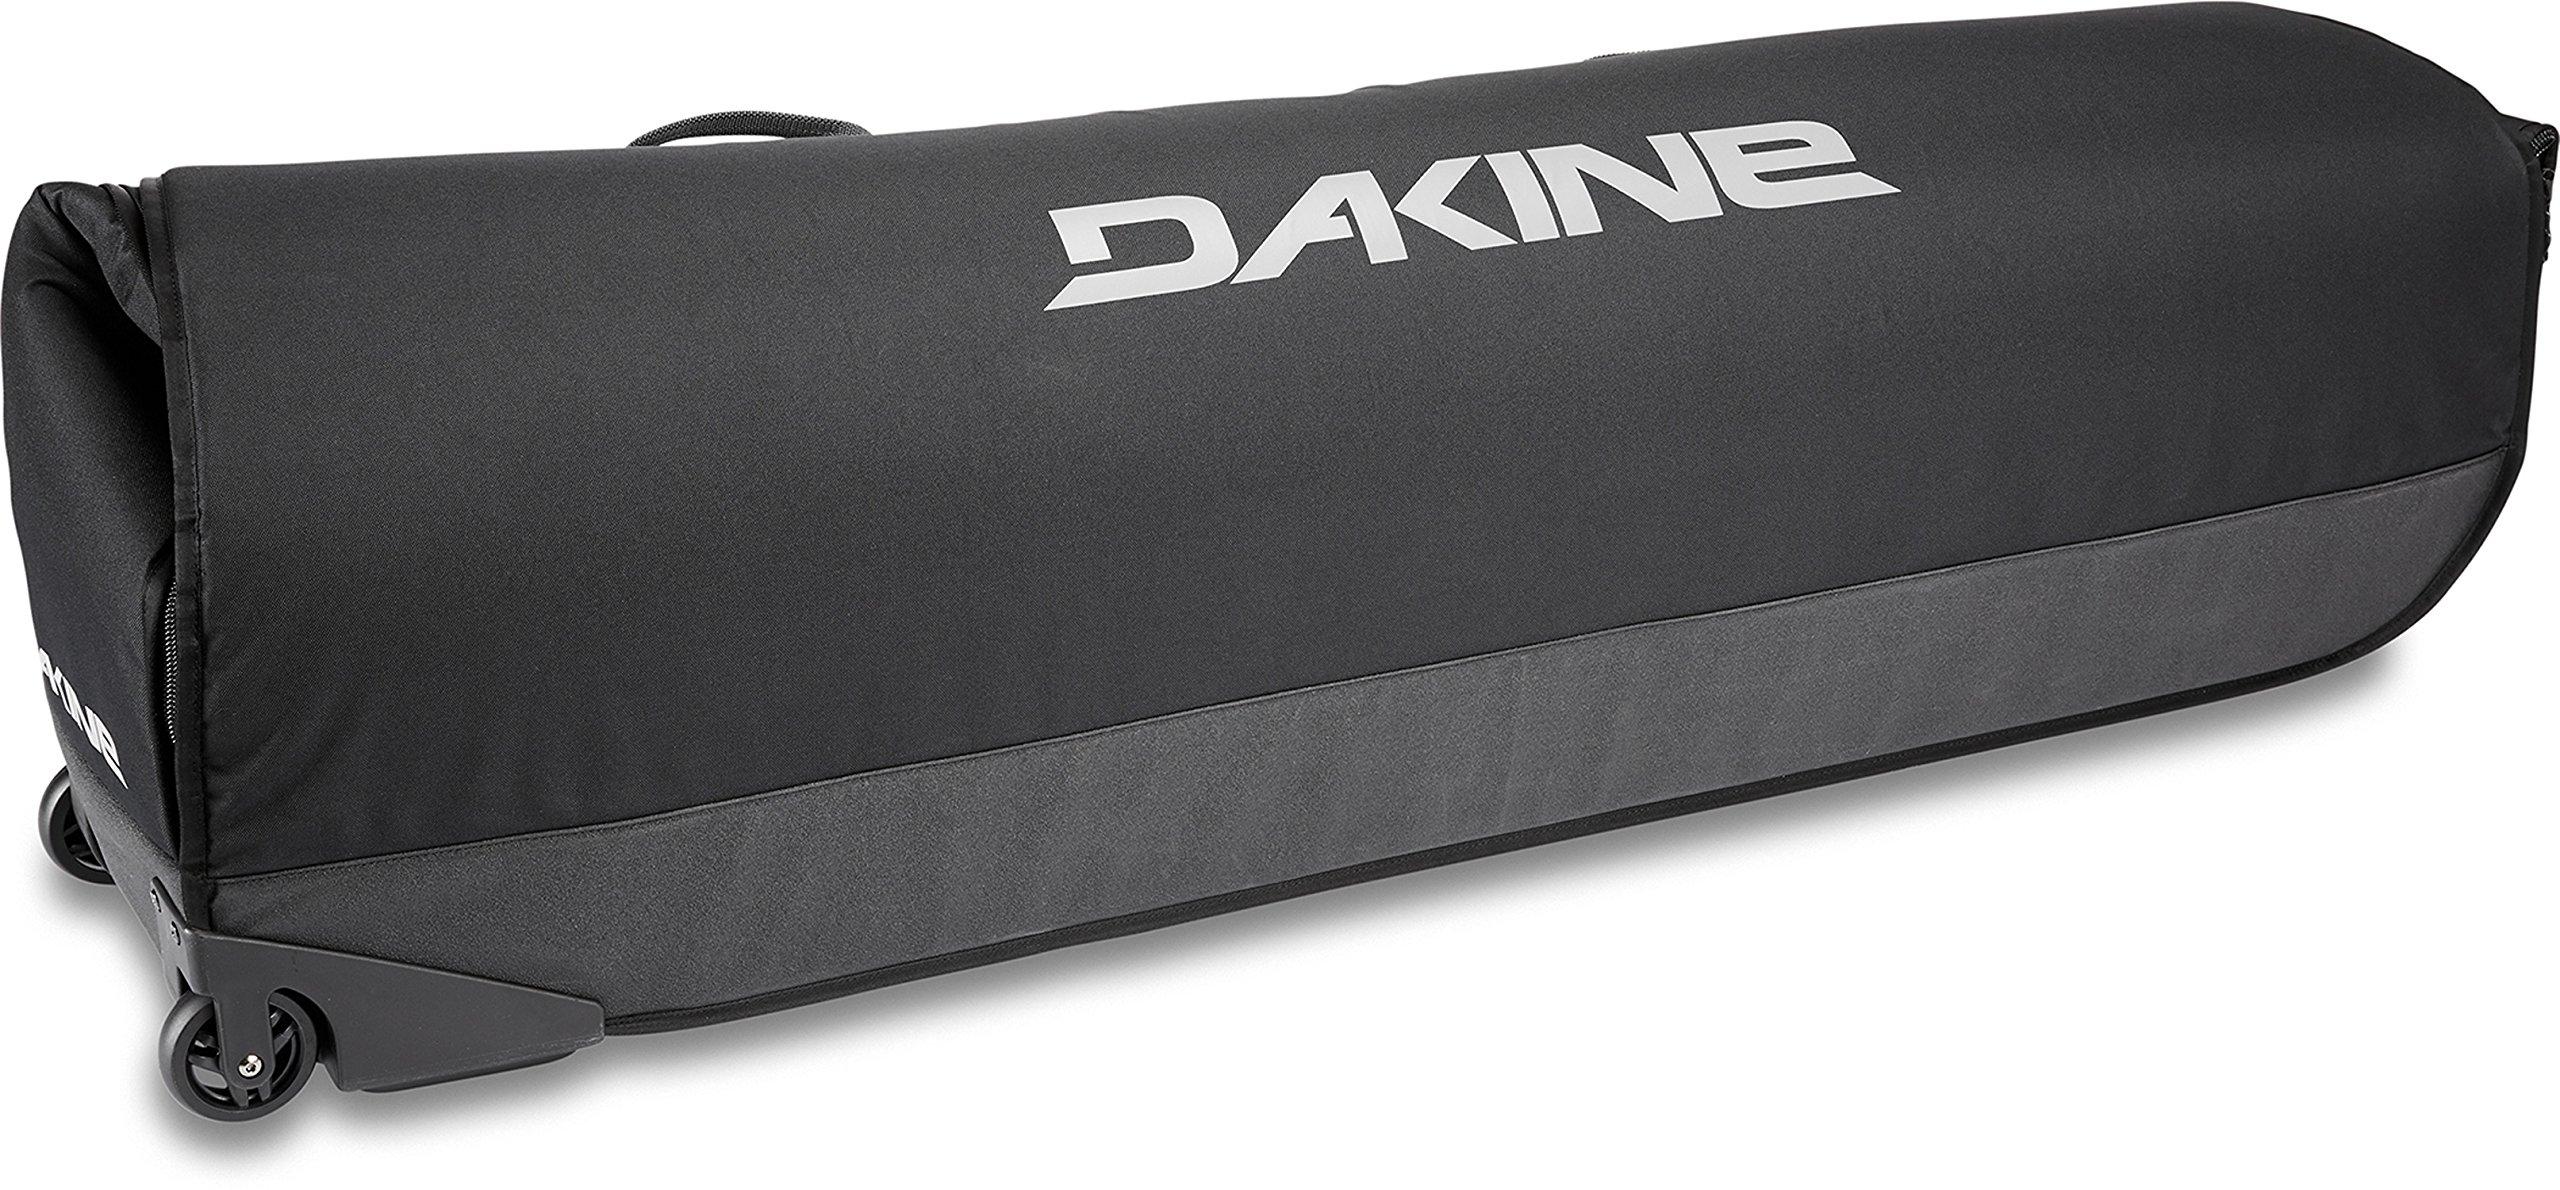 Dakine Unisex Bike Roller Bag